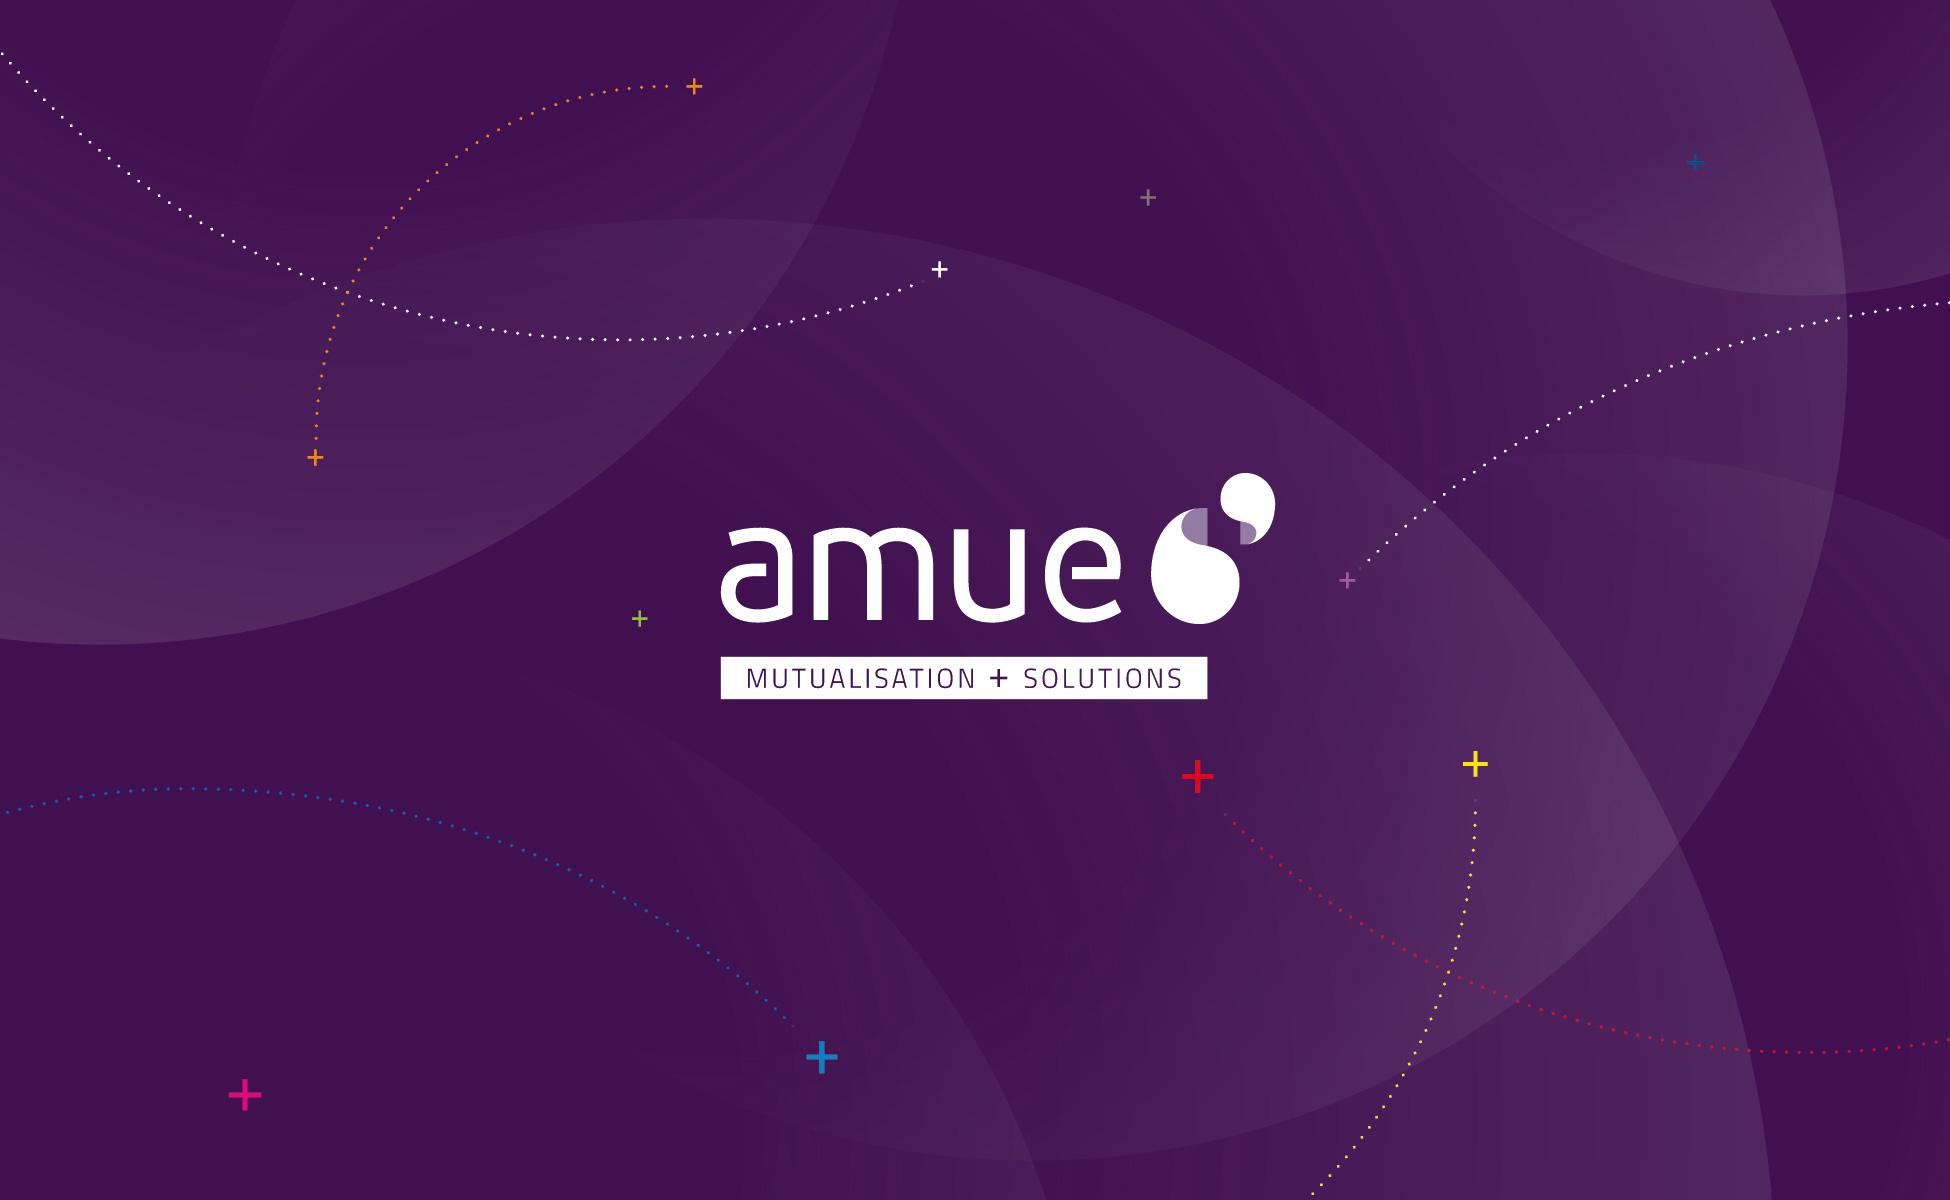 logo générique de l'Amue